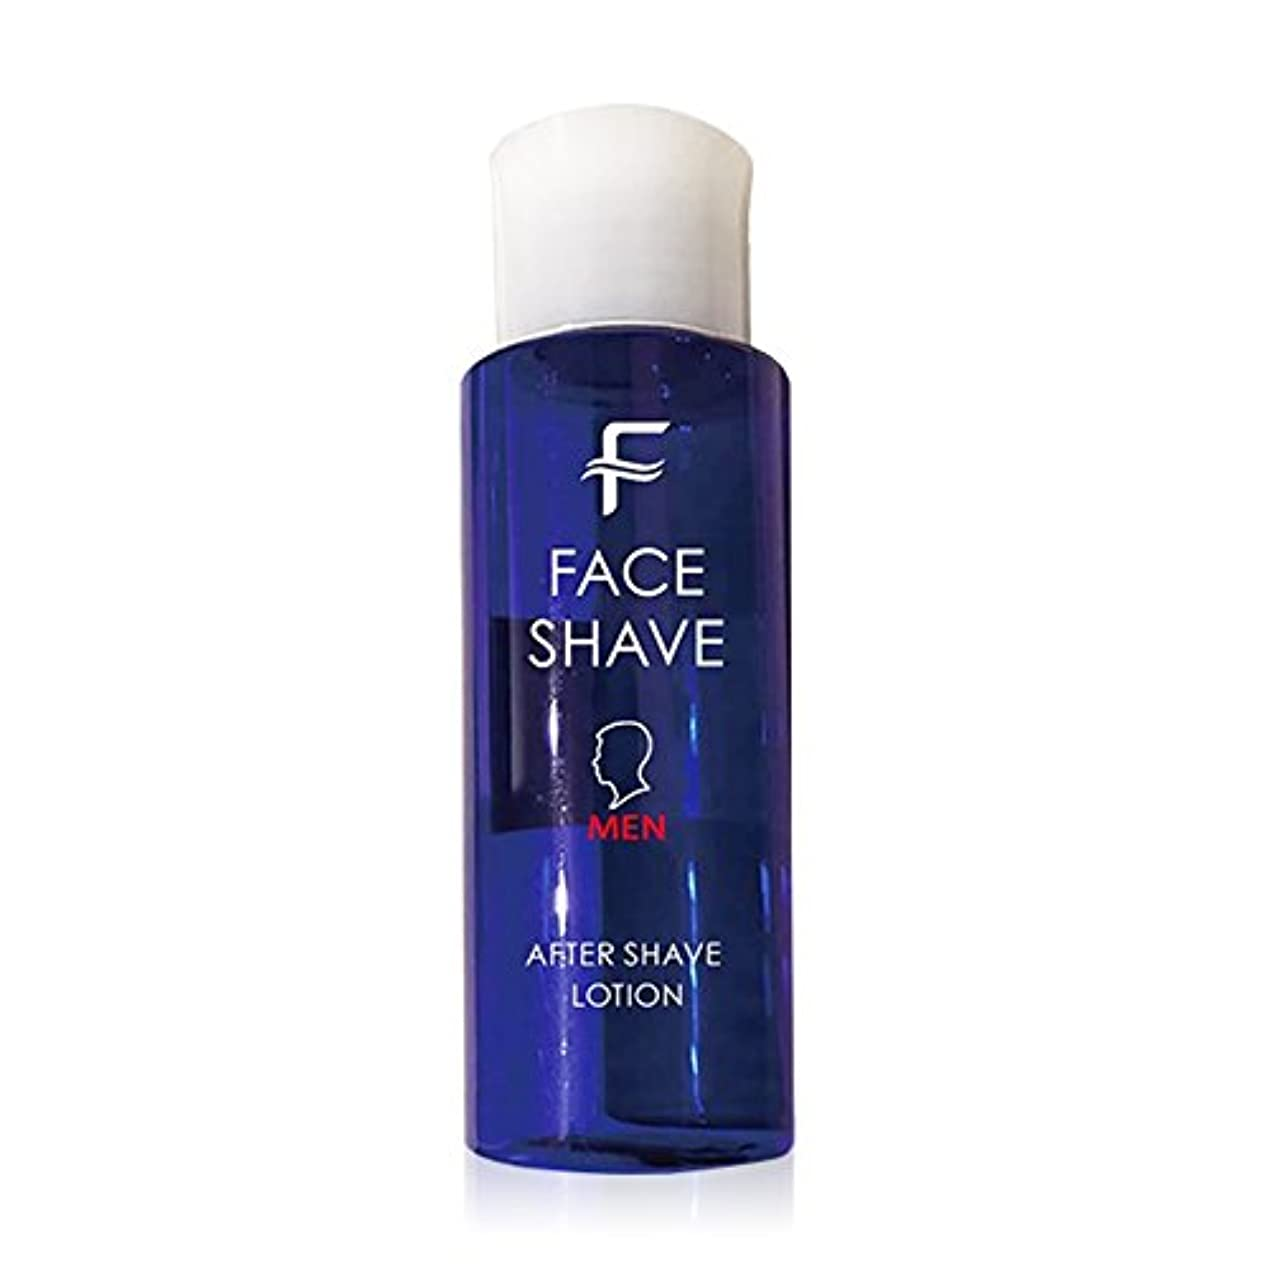 散らすティッシュ寝室を掃除するフェイスシェーブ 青ヒゲ対策~濃いひげ?青ひげに悩む全ての人へ~ 自宅で気になる髭をケア